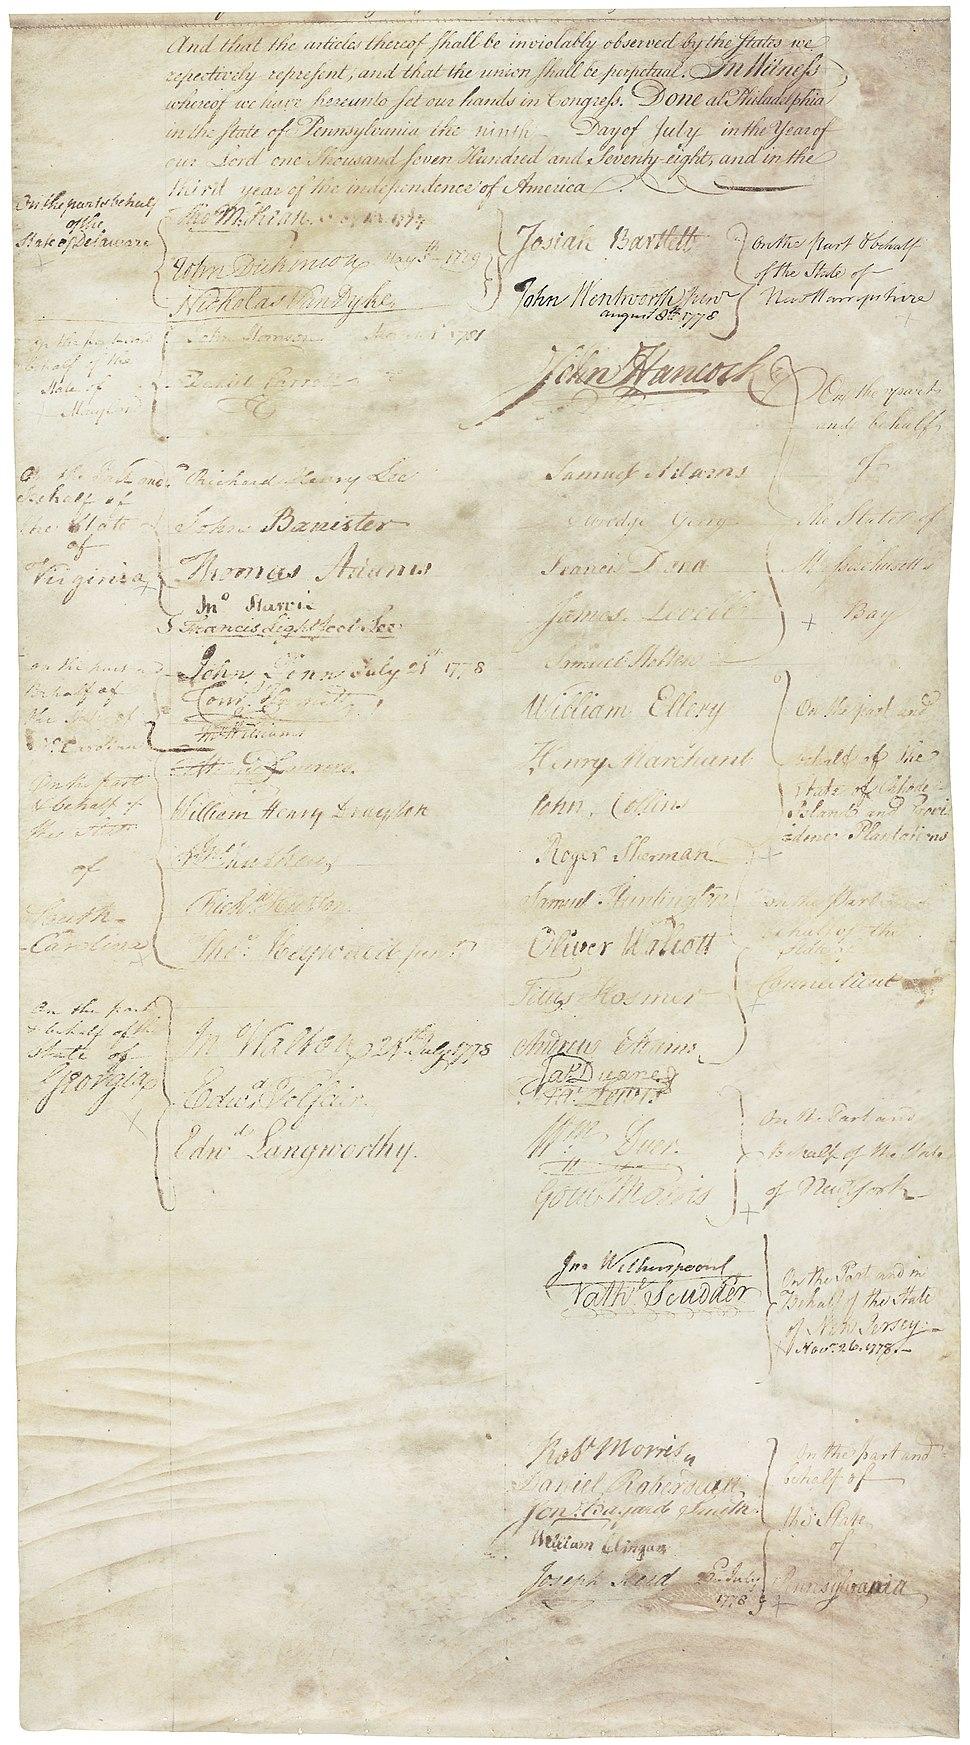 Articles of Confederation 13